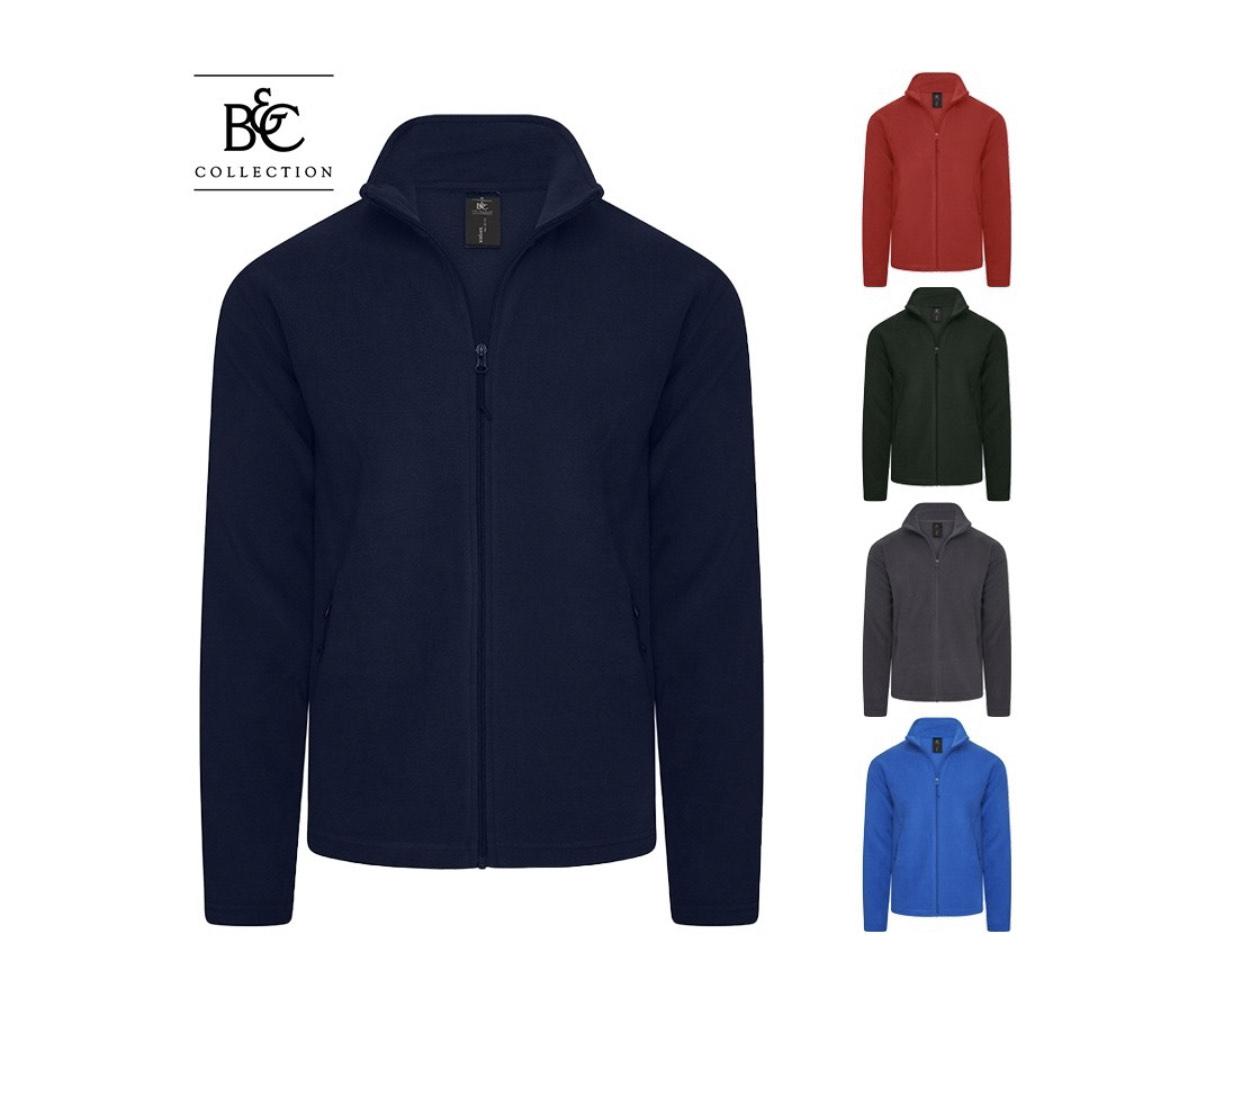 Fleece jas van B&C